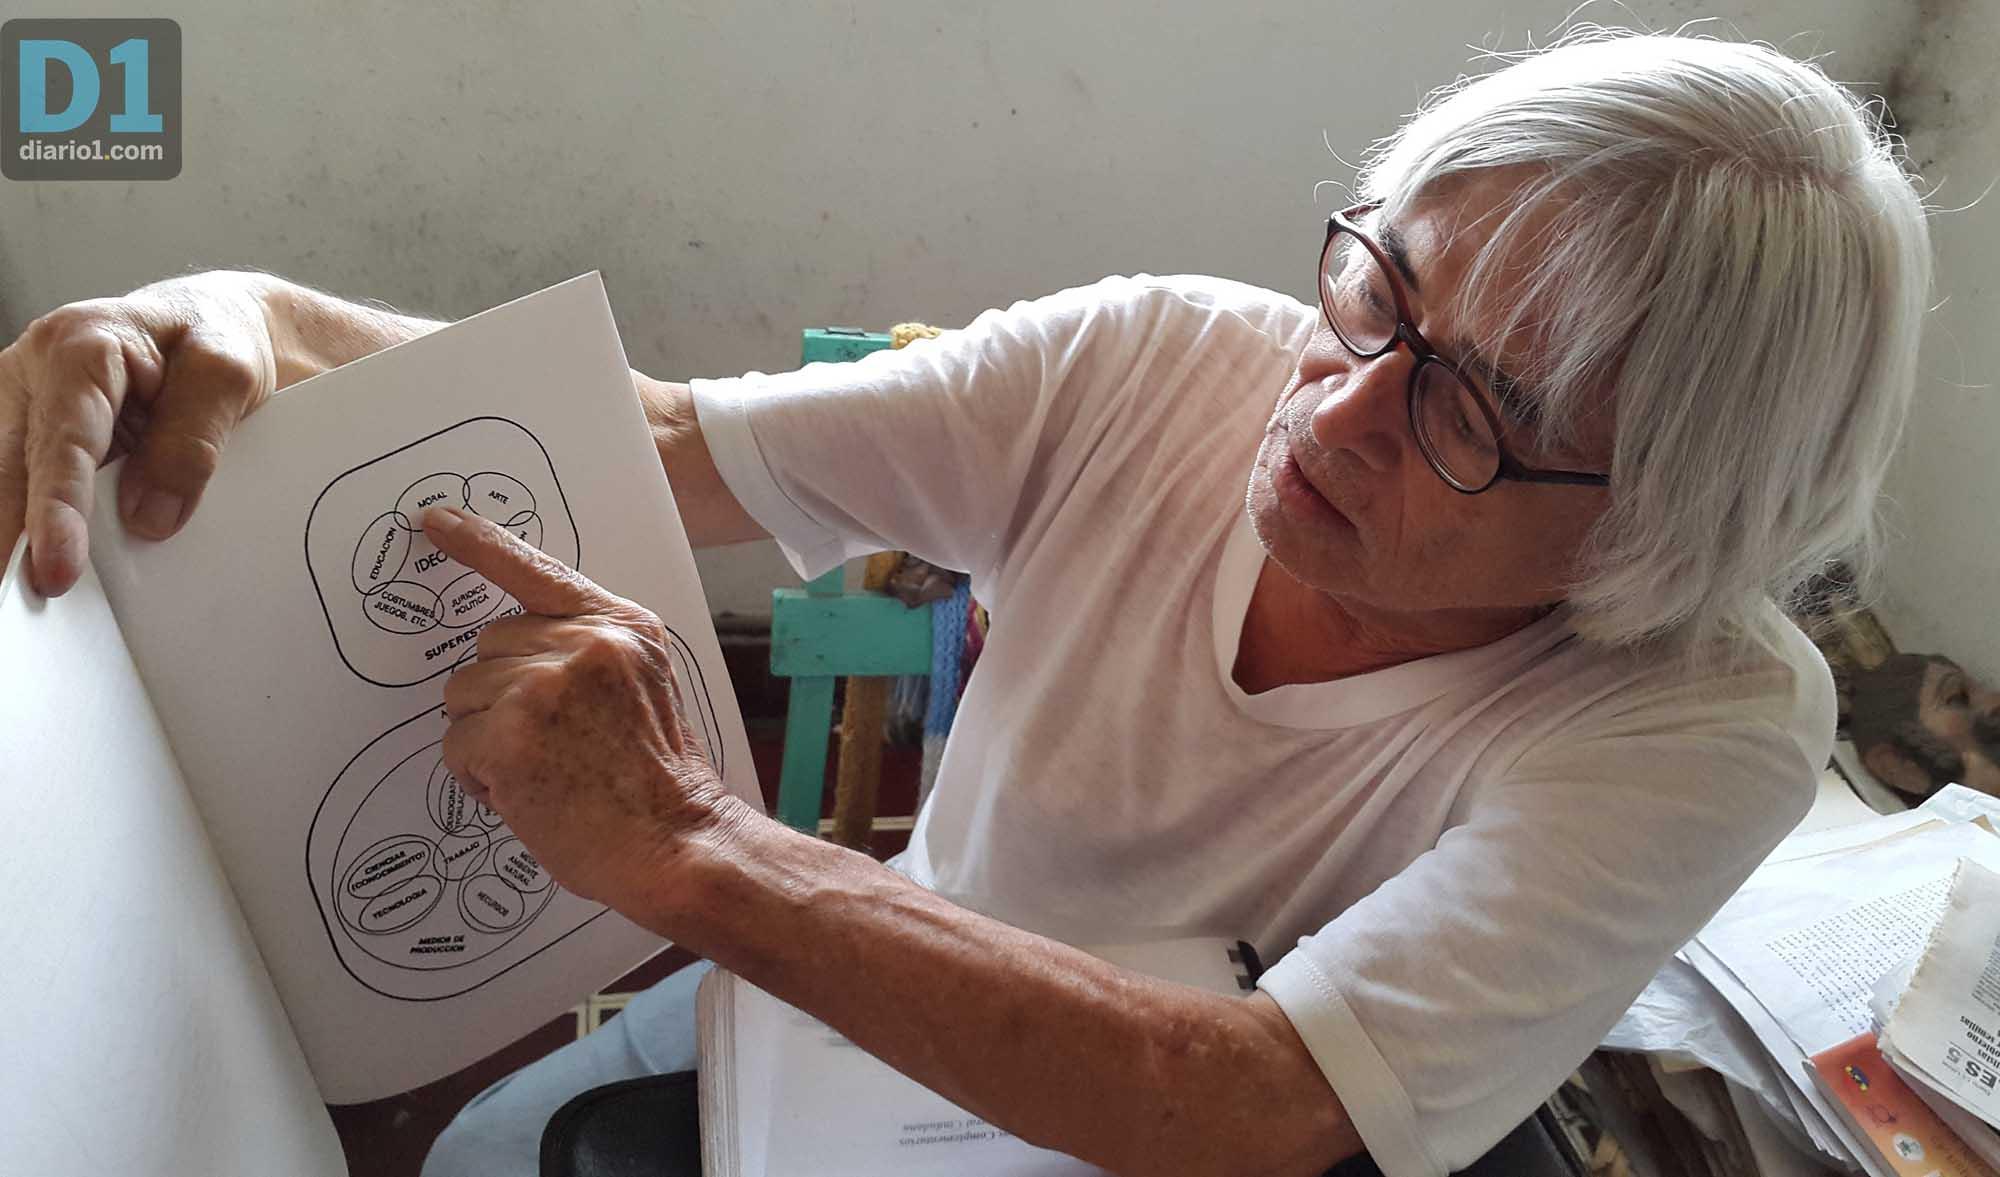 Foto D1: Salvador Sagastizado. Cea explica su programa educativo.